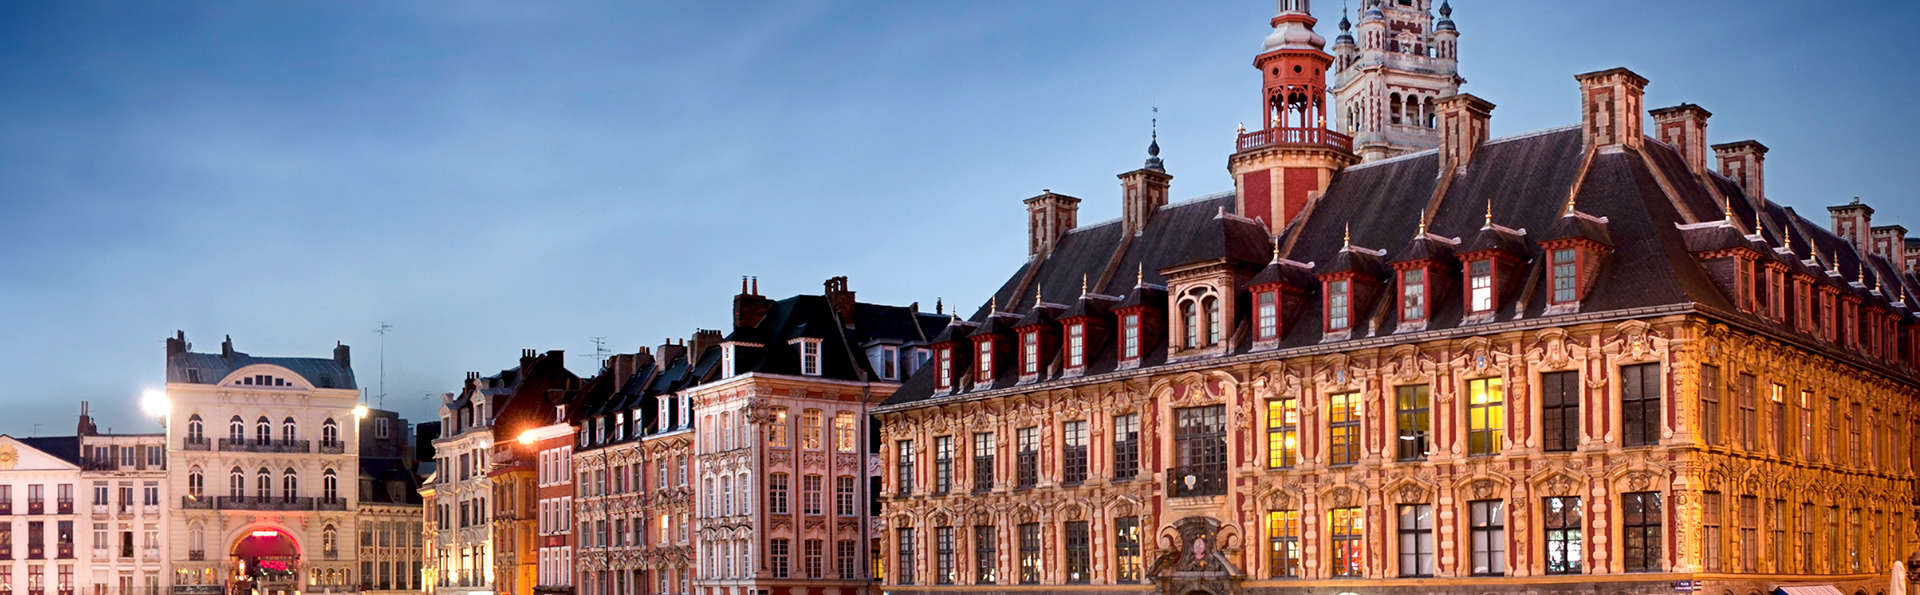 Hôtel de la Treille - Edit_Destination6.jpg